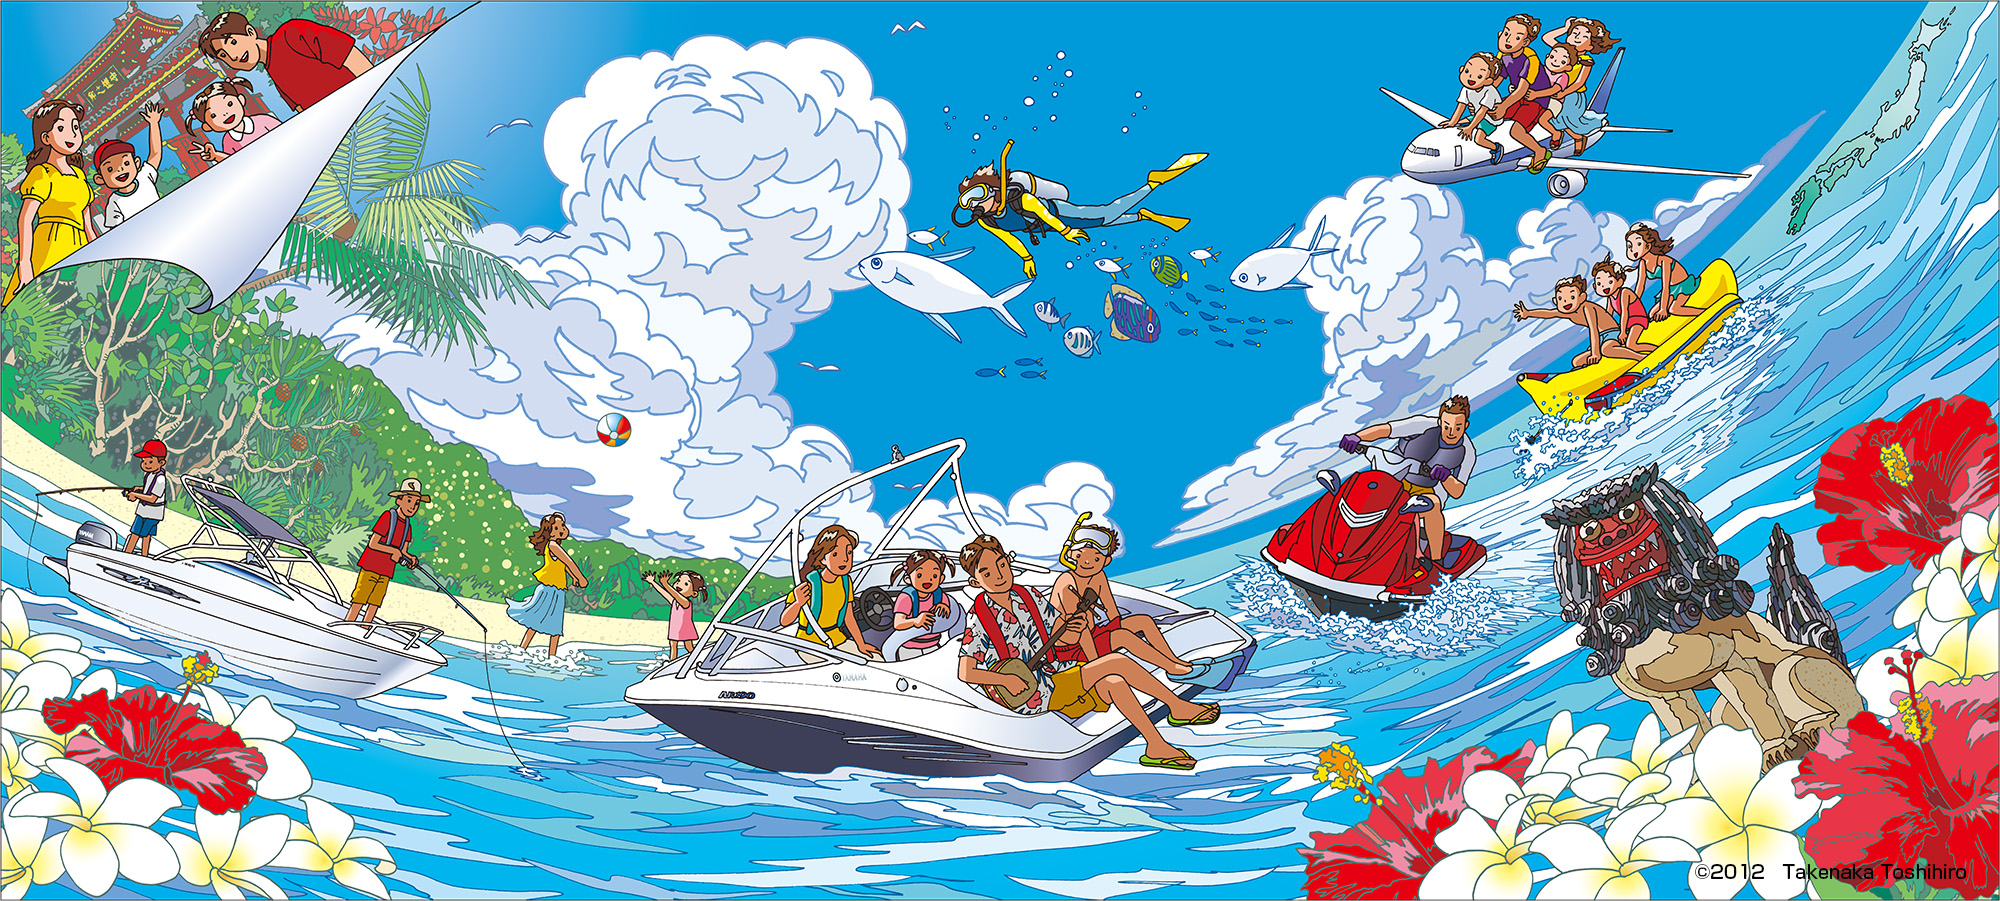 沖縄でのYAMAHAレジャーボート展示会用のイラストをPCで着彩して作成。